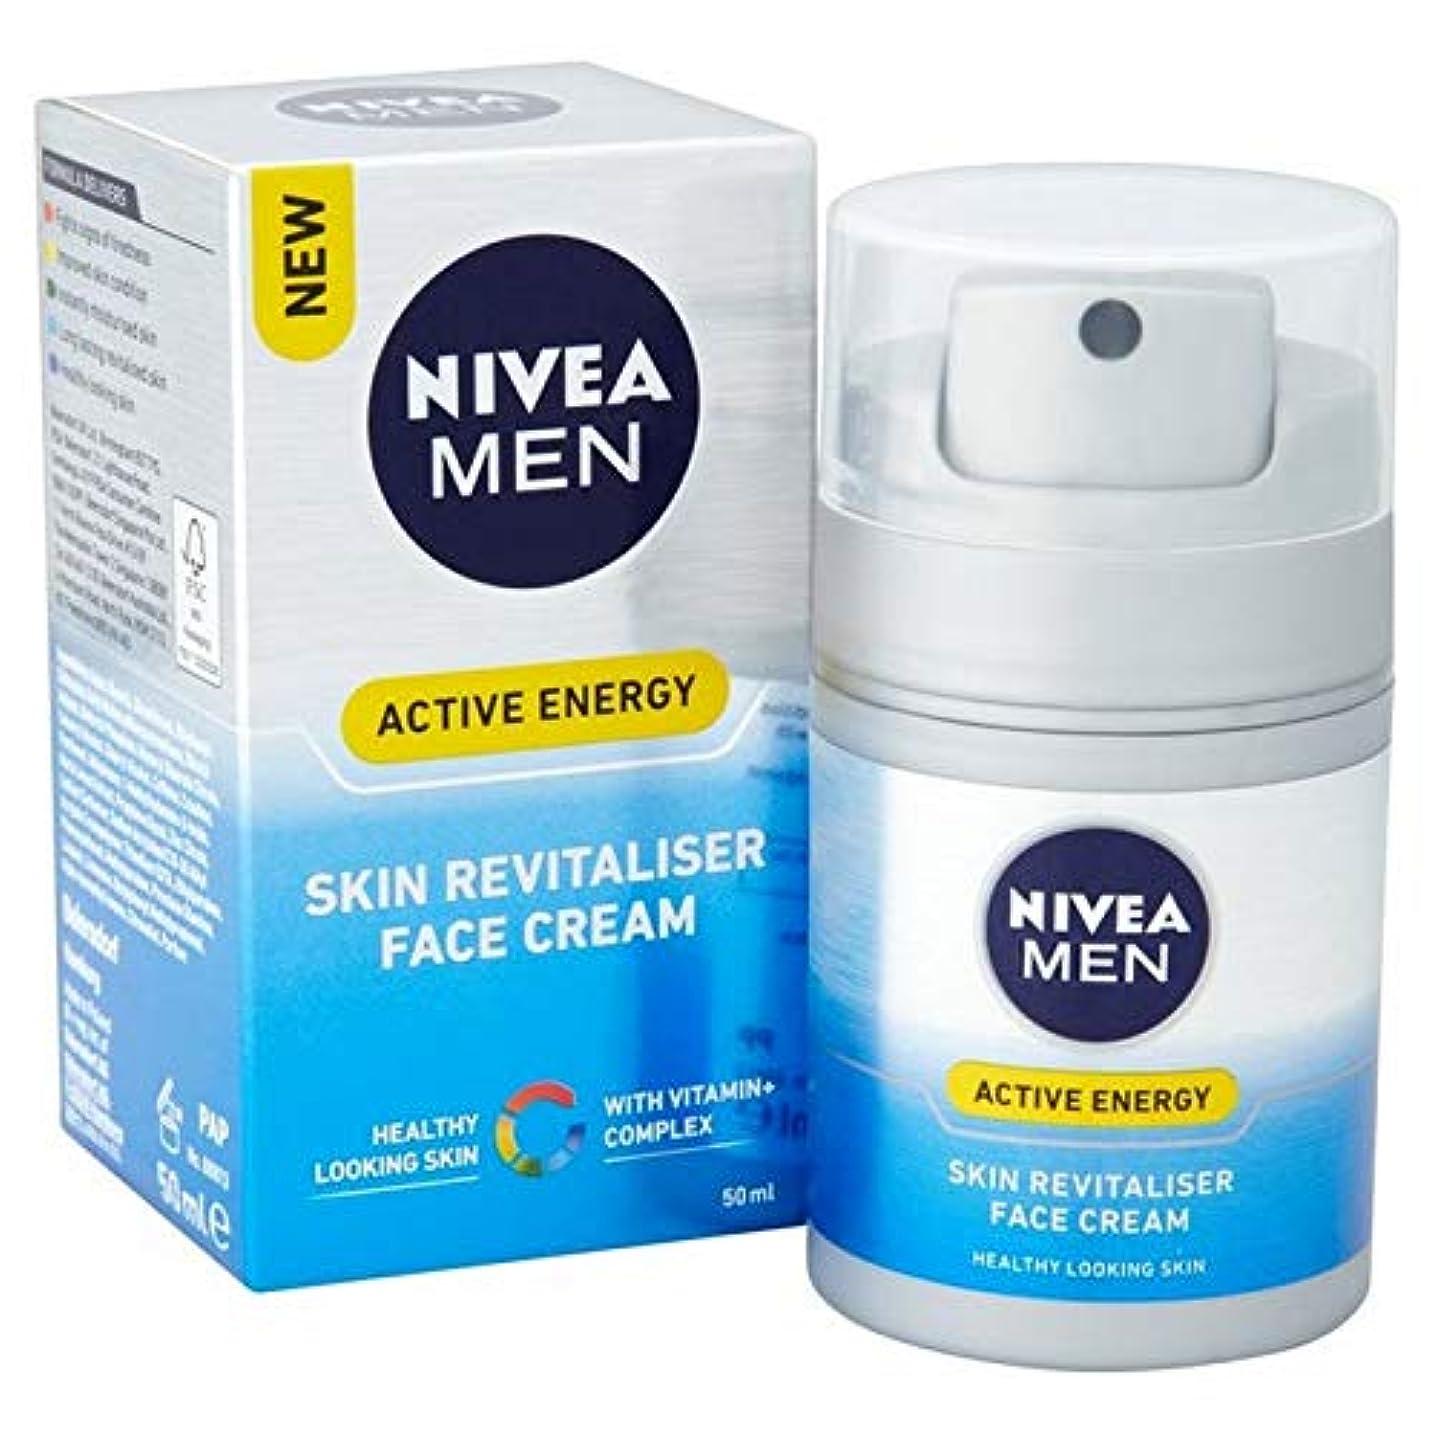 同情カリング誘惑[Nivea ] ニベアの男性活性エネルギー皮膚Revitaliserフェイスクリーム50Ml - Nivea Men Active Energy Skin Revitaliser Face Cream 50ml [並行輸入品]